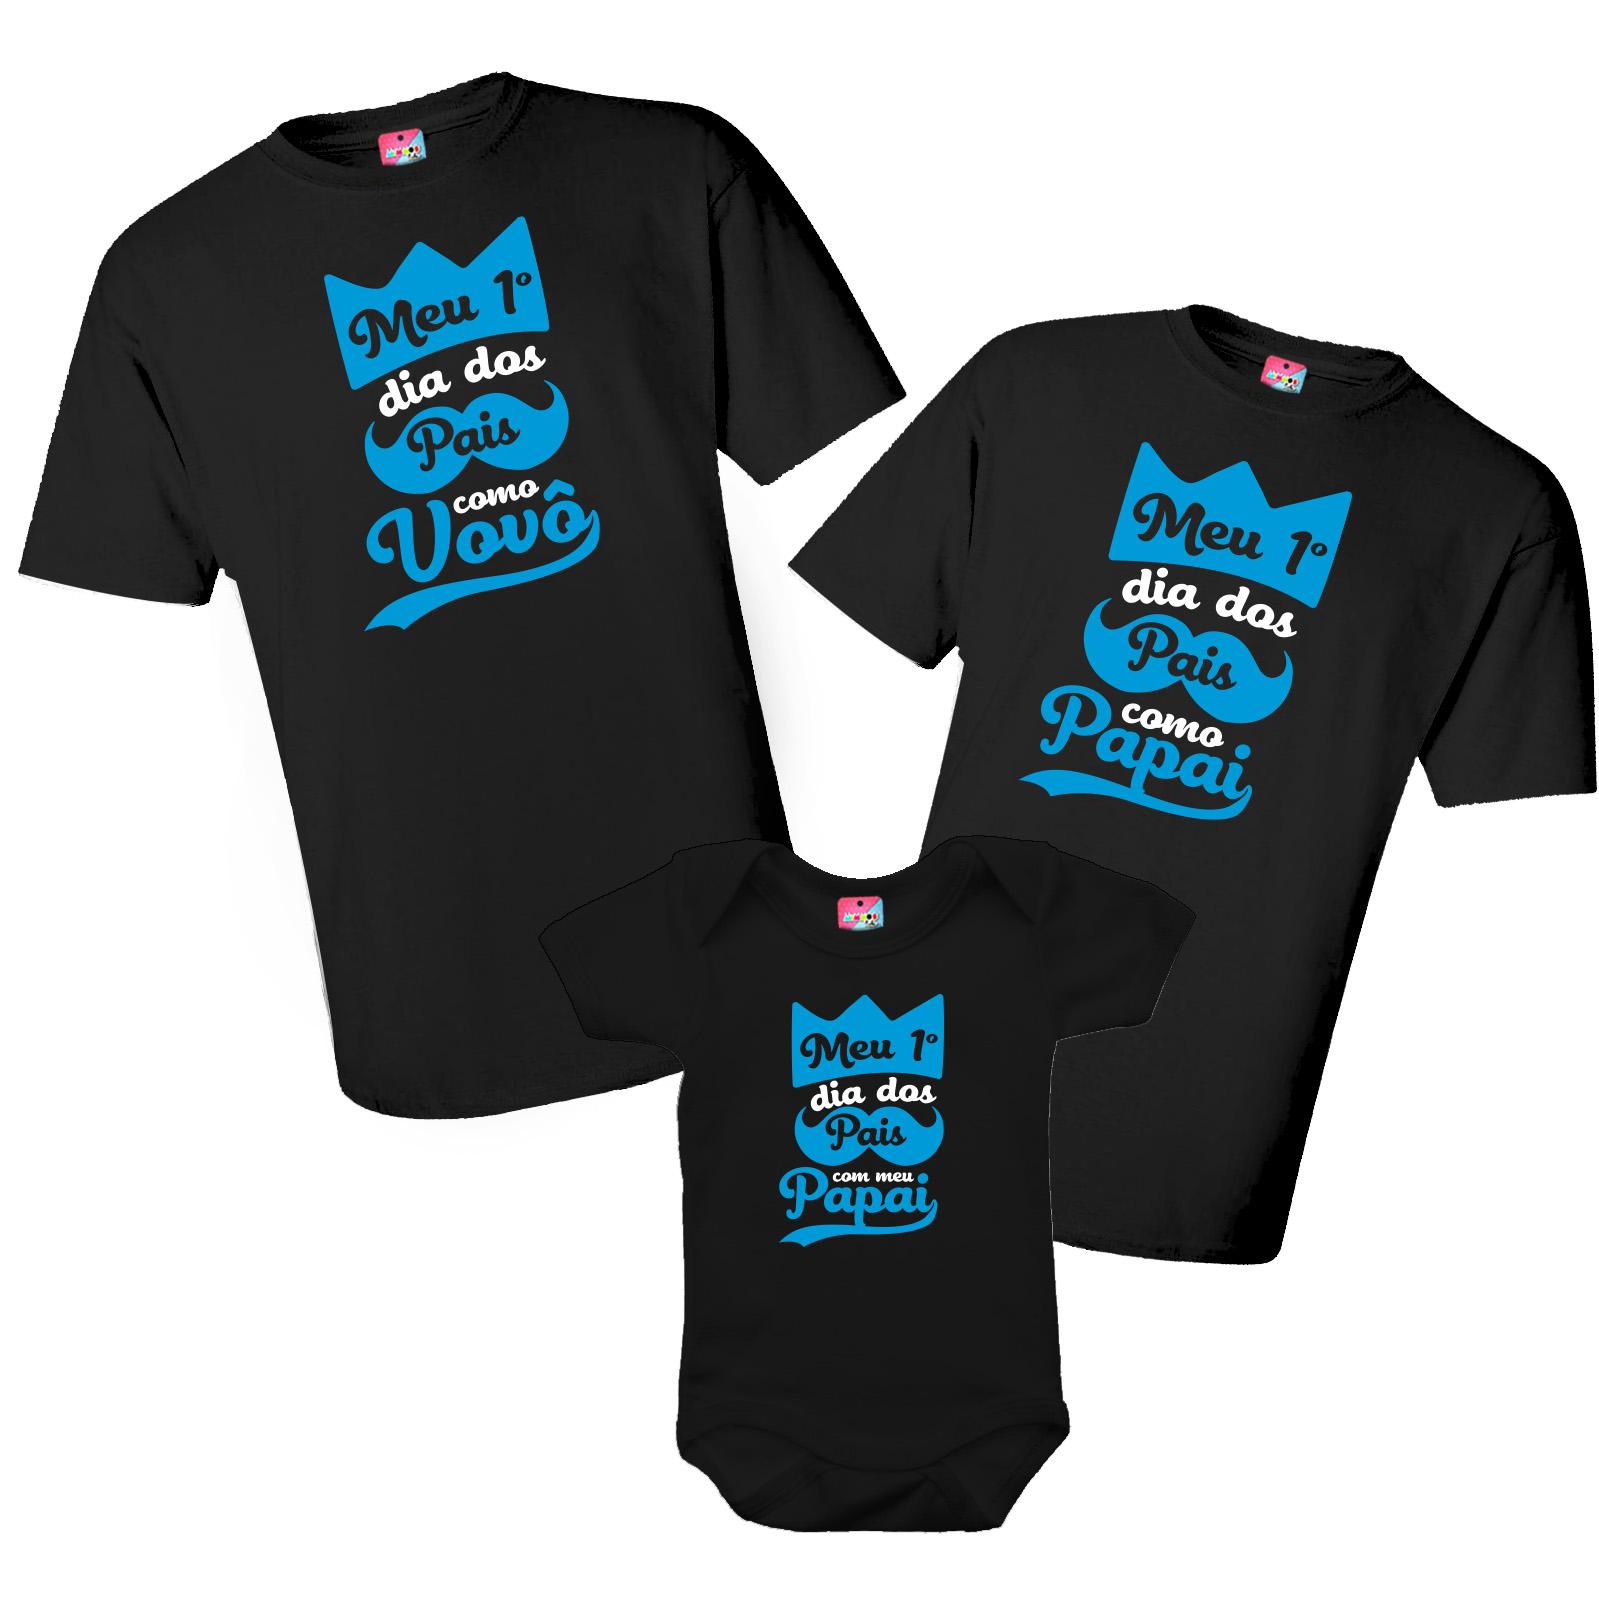 Kit Camiseta e Body - Meu primeiro dia dos Pais como Papai e Vovô - Realeza 3 Peças